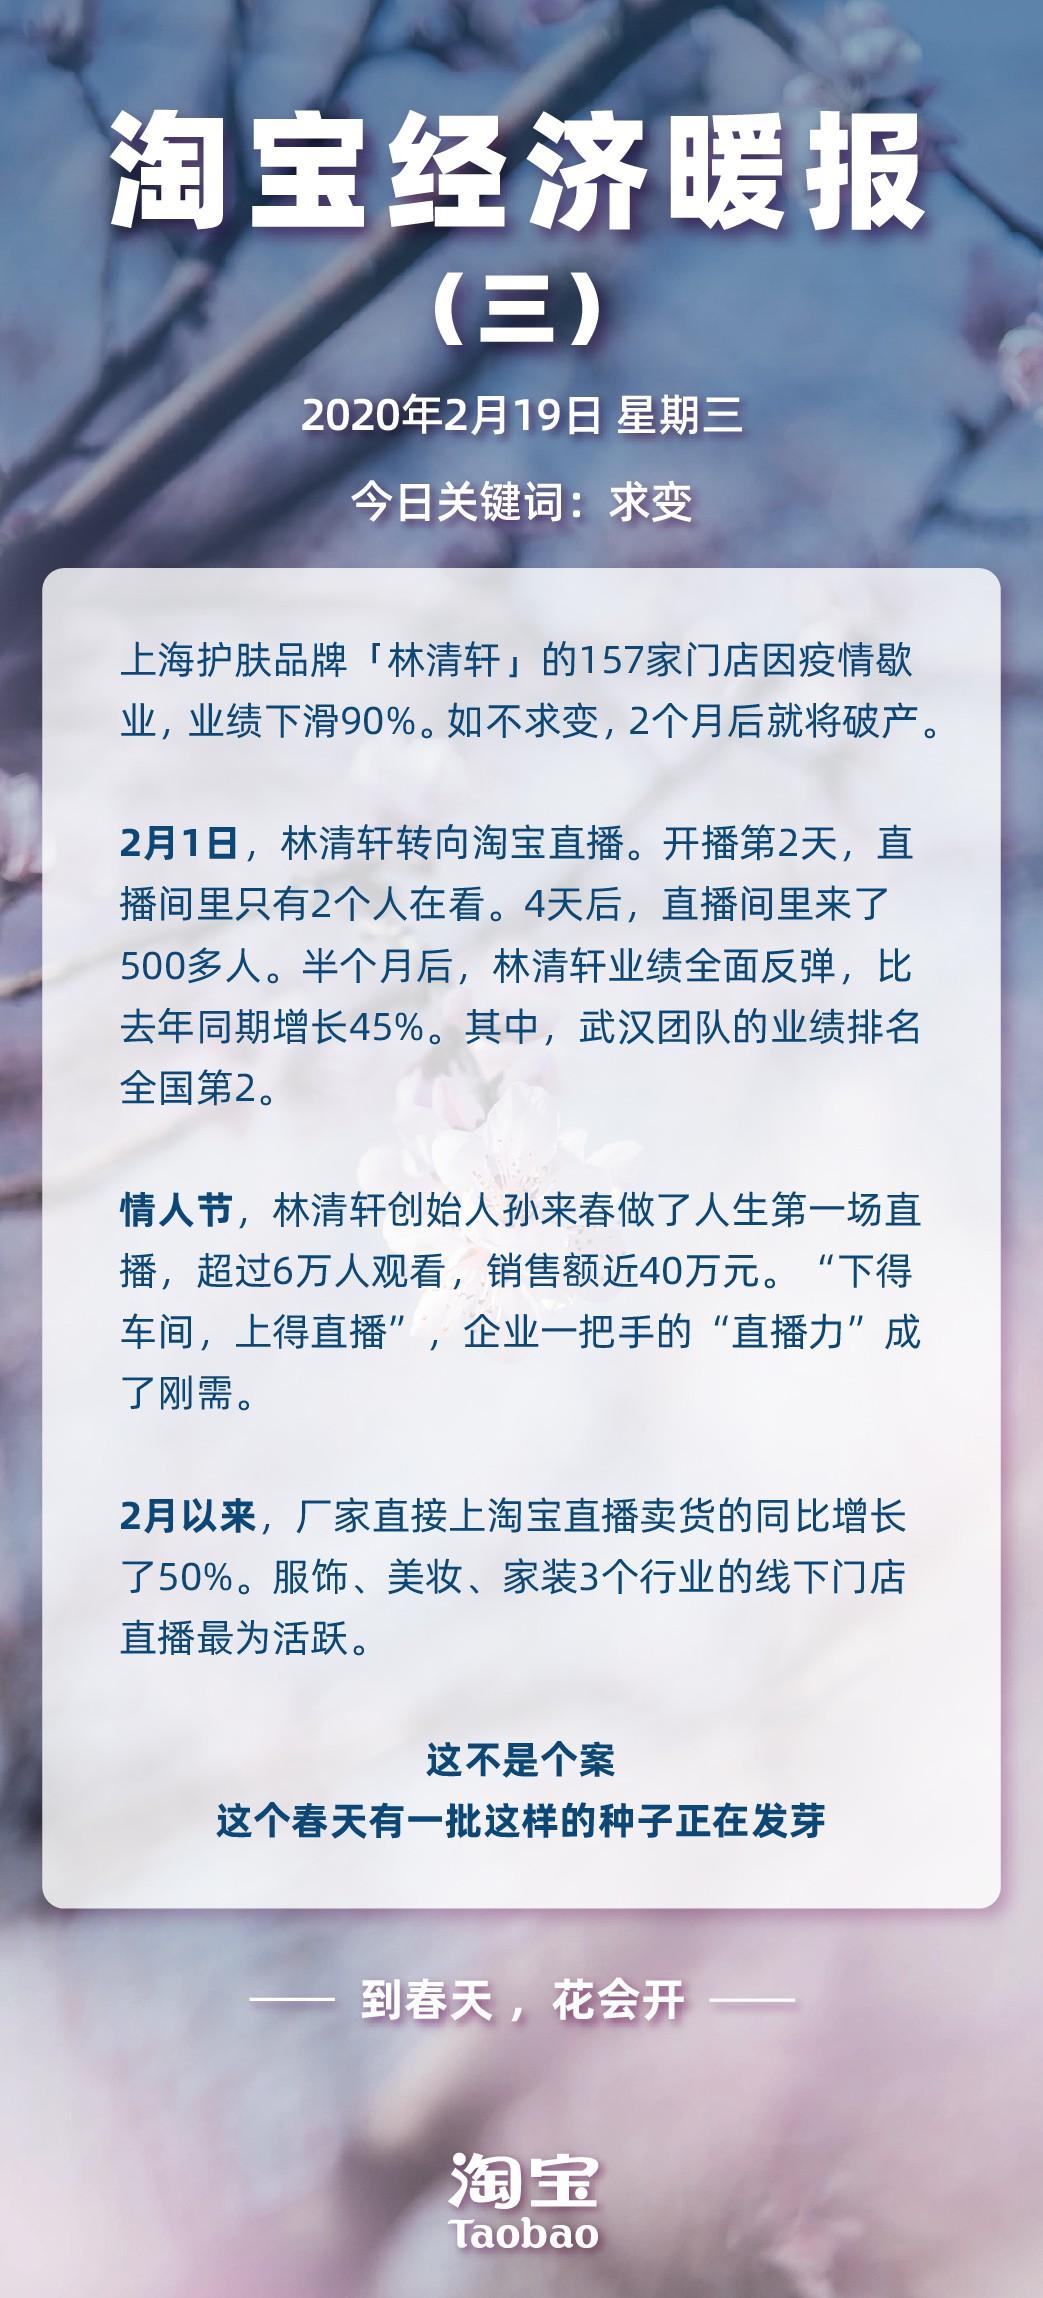 《淘宝经济暖报》:每日逾3万人来淘宝开新店,超2成来自线下